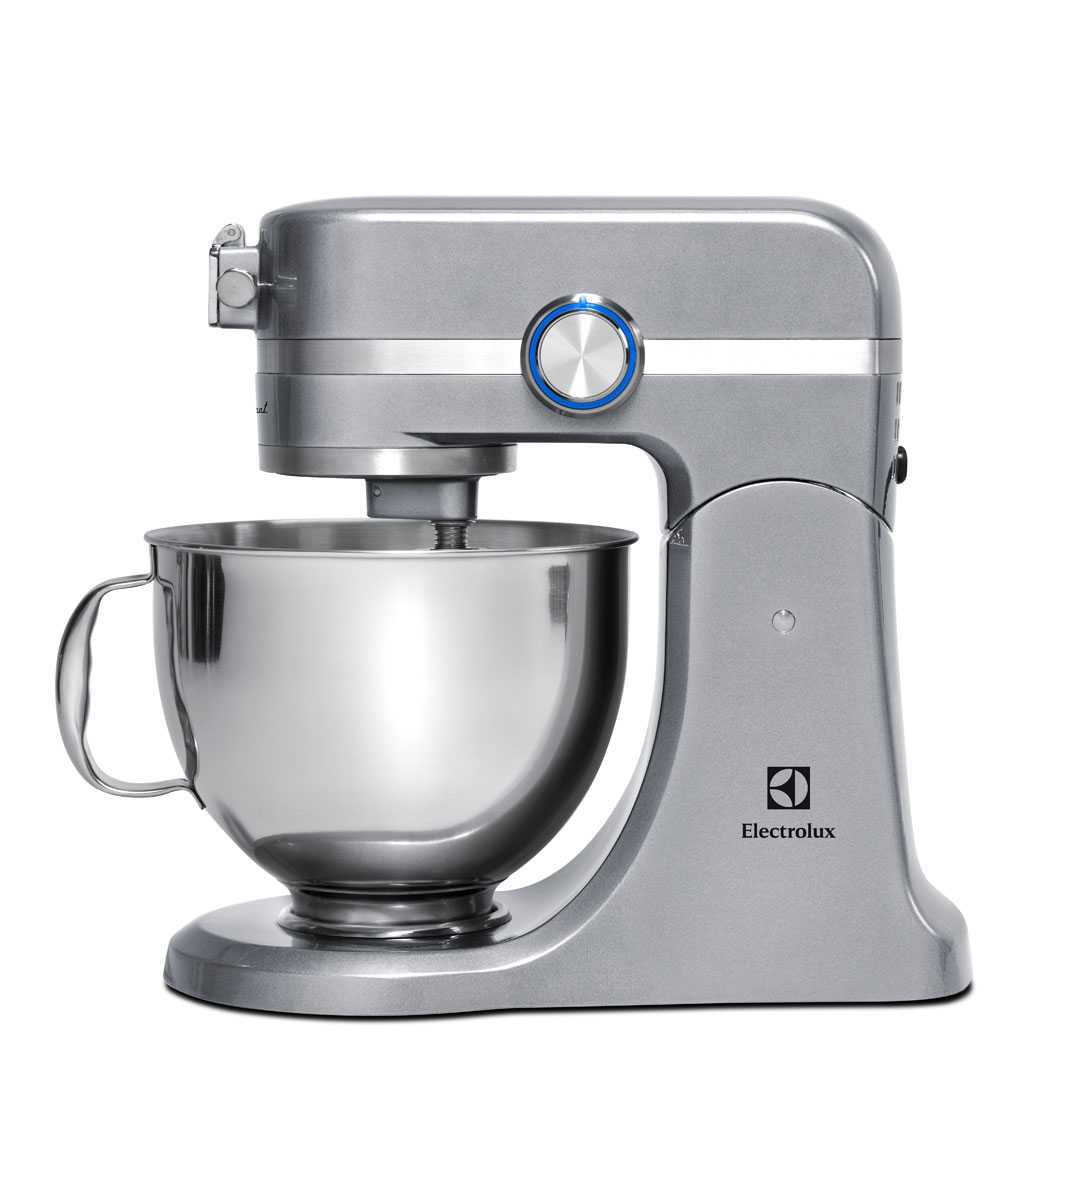 PLANETARIA SILVER EKM4600 - Per cucinare - Piccoli elettrodomestici ...